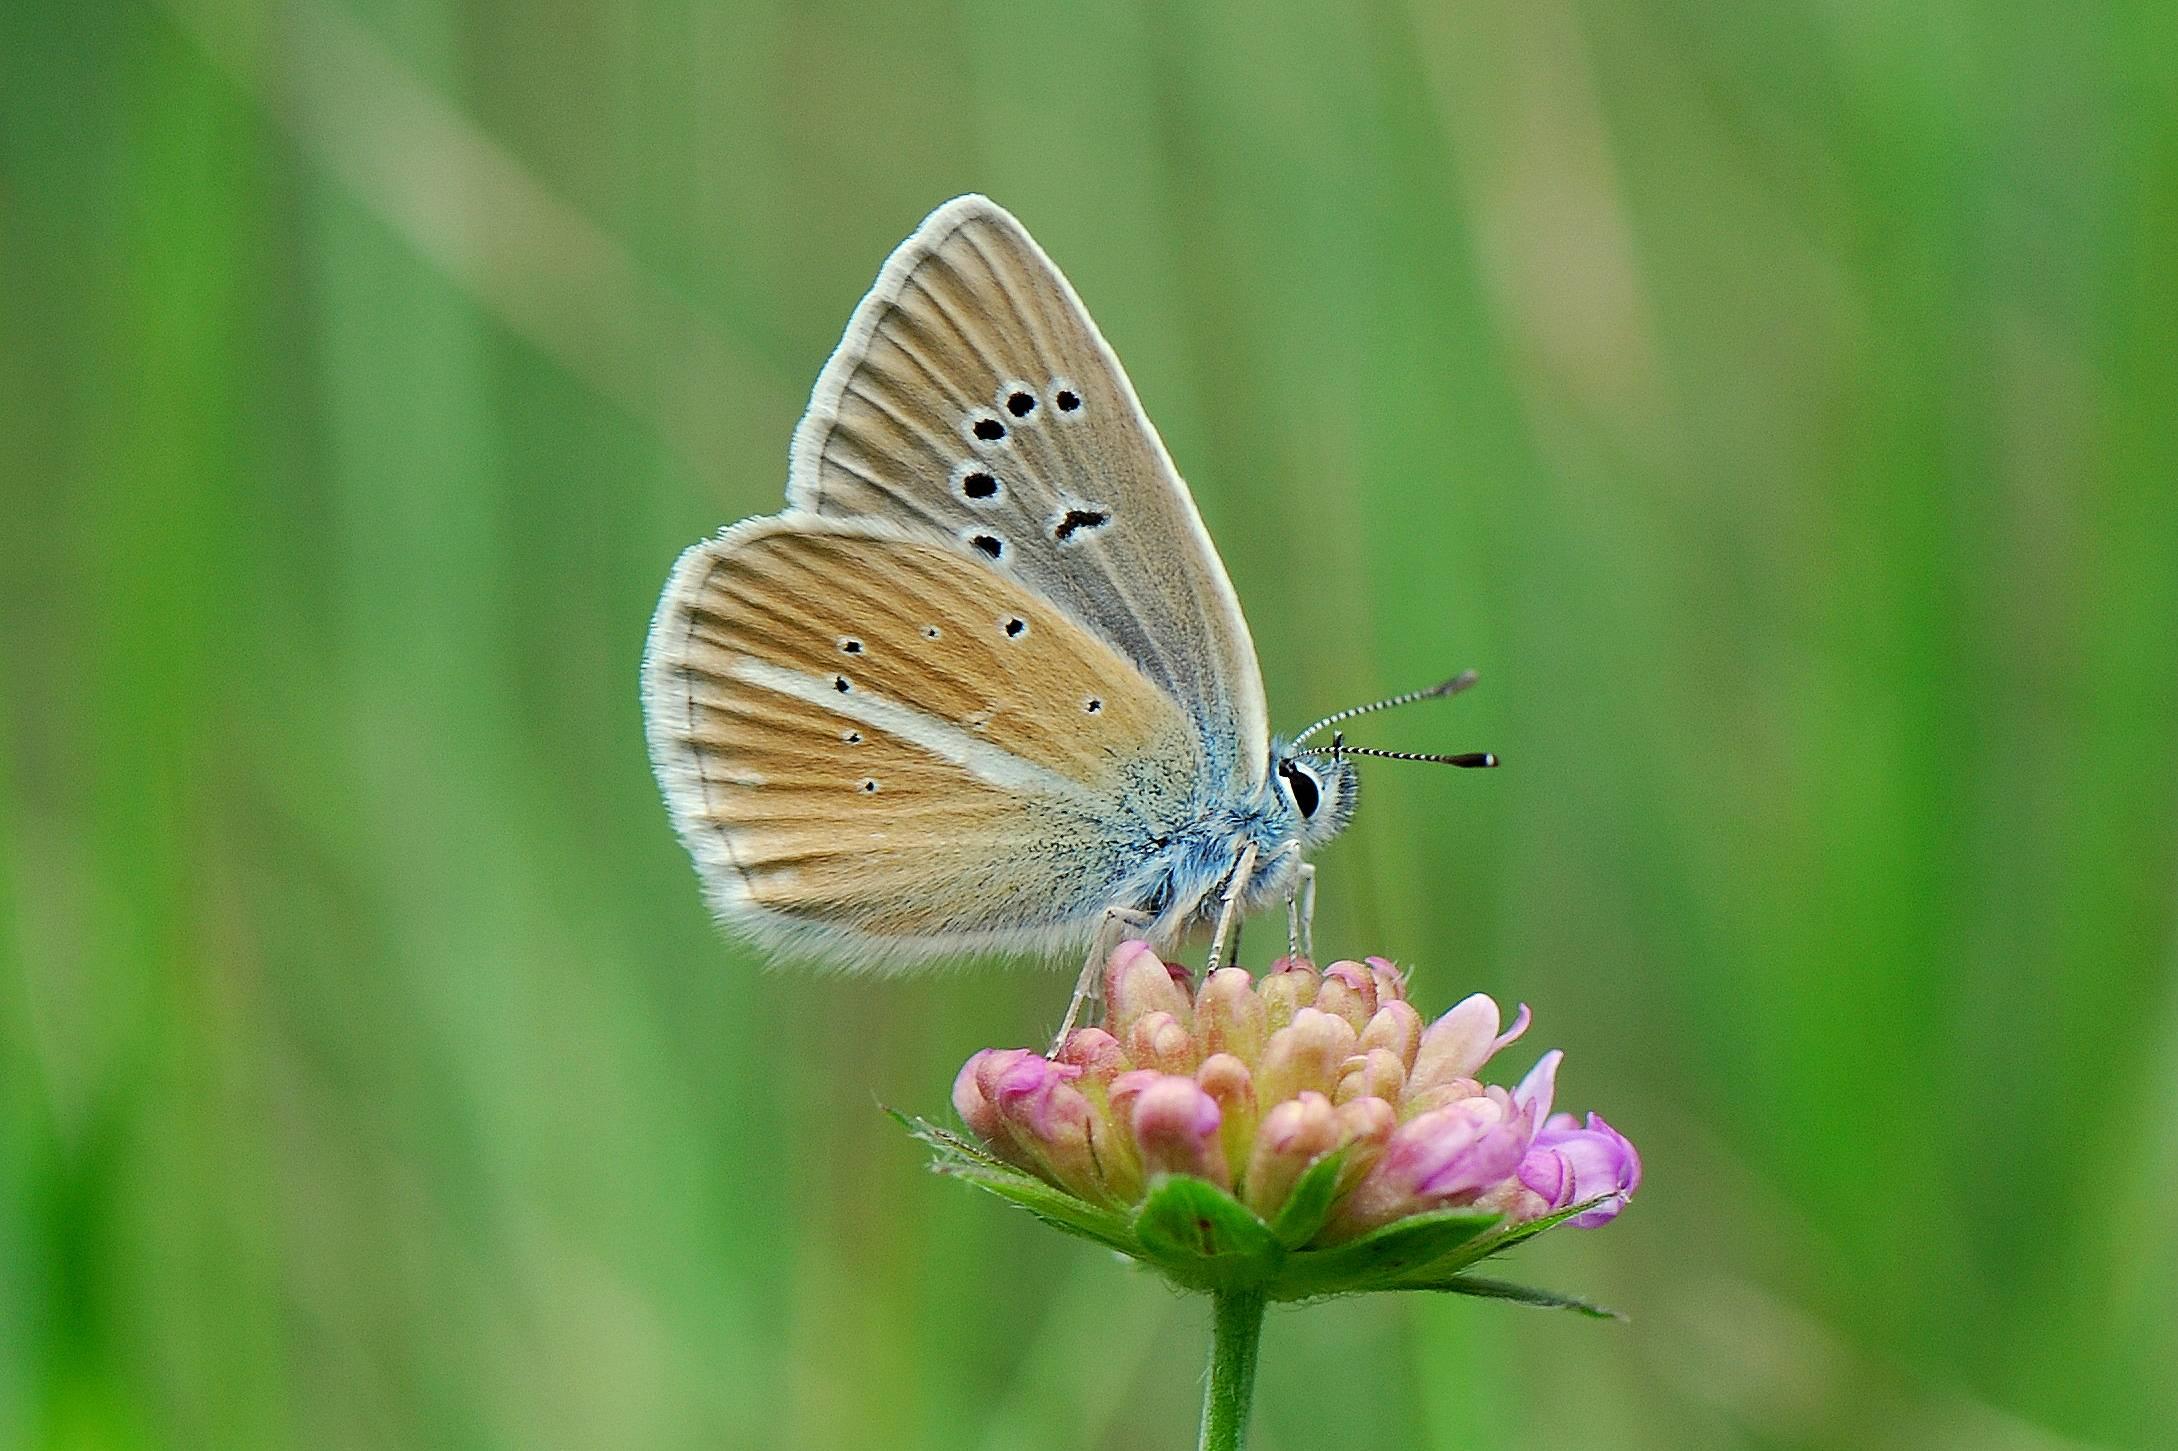 Фоторепортаж насекомые подмосковья часть 1 бабочки